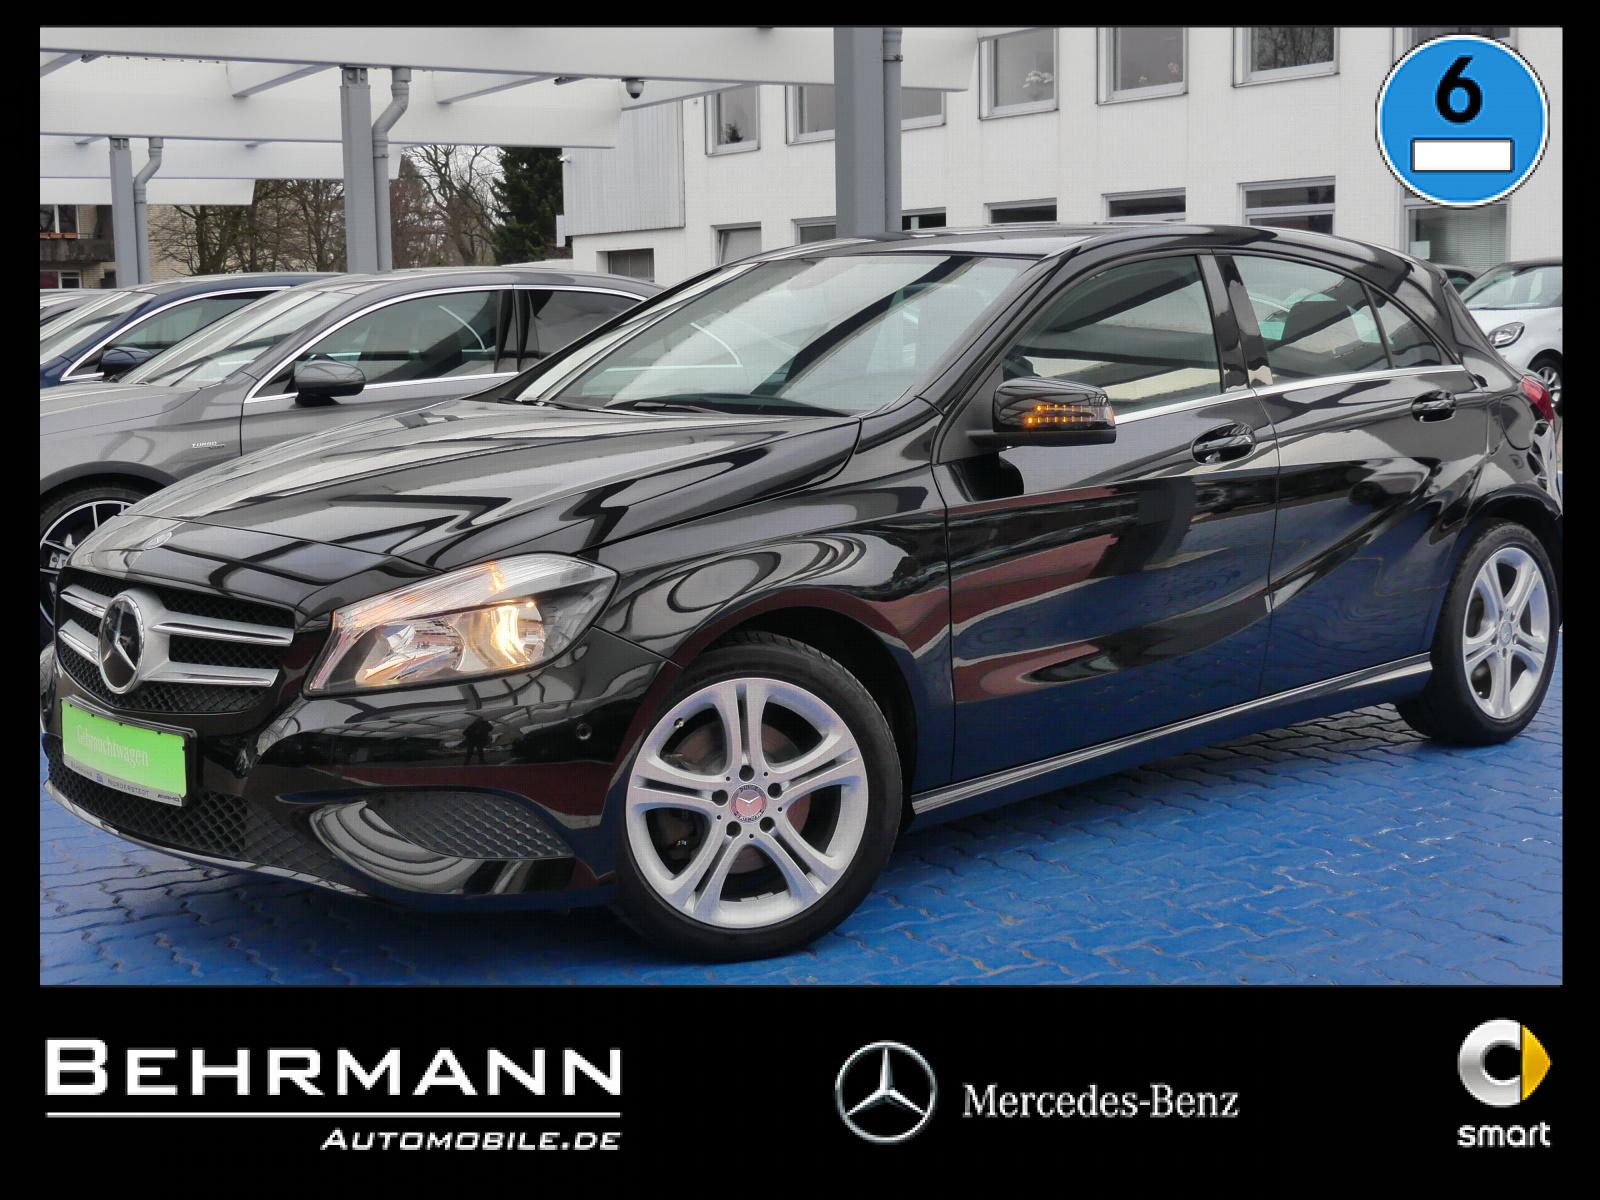 Mercedes-Benz A 200 Urban +Standheizung+R-Kamera+Tempomat+AHK+, Jahr 2013, Benzin